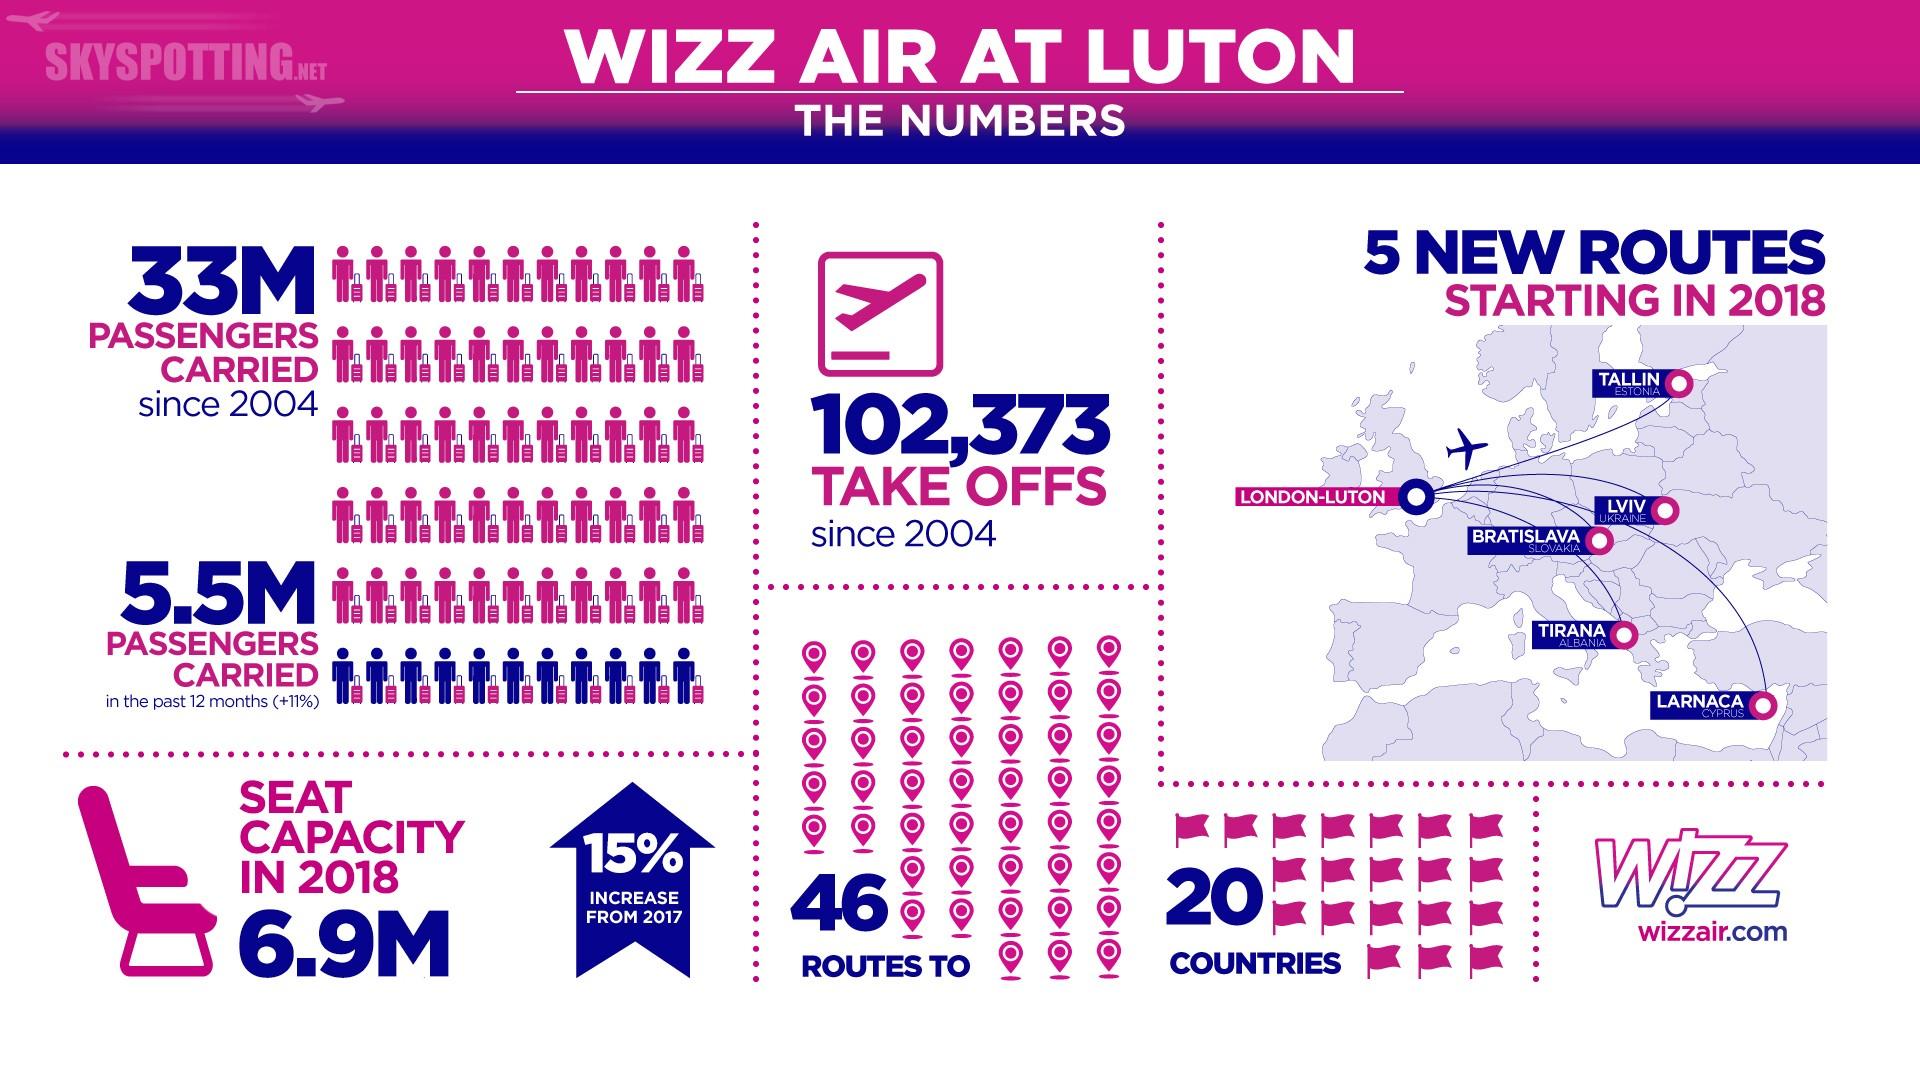 Wizz Air rozwija się na lotniku London Luton